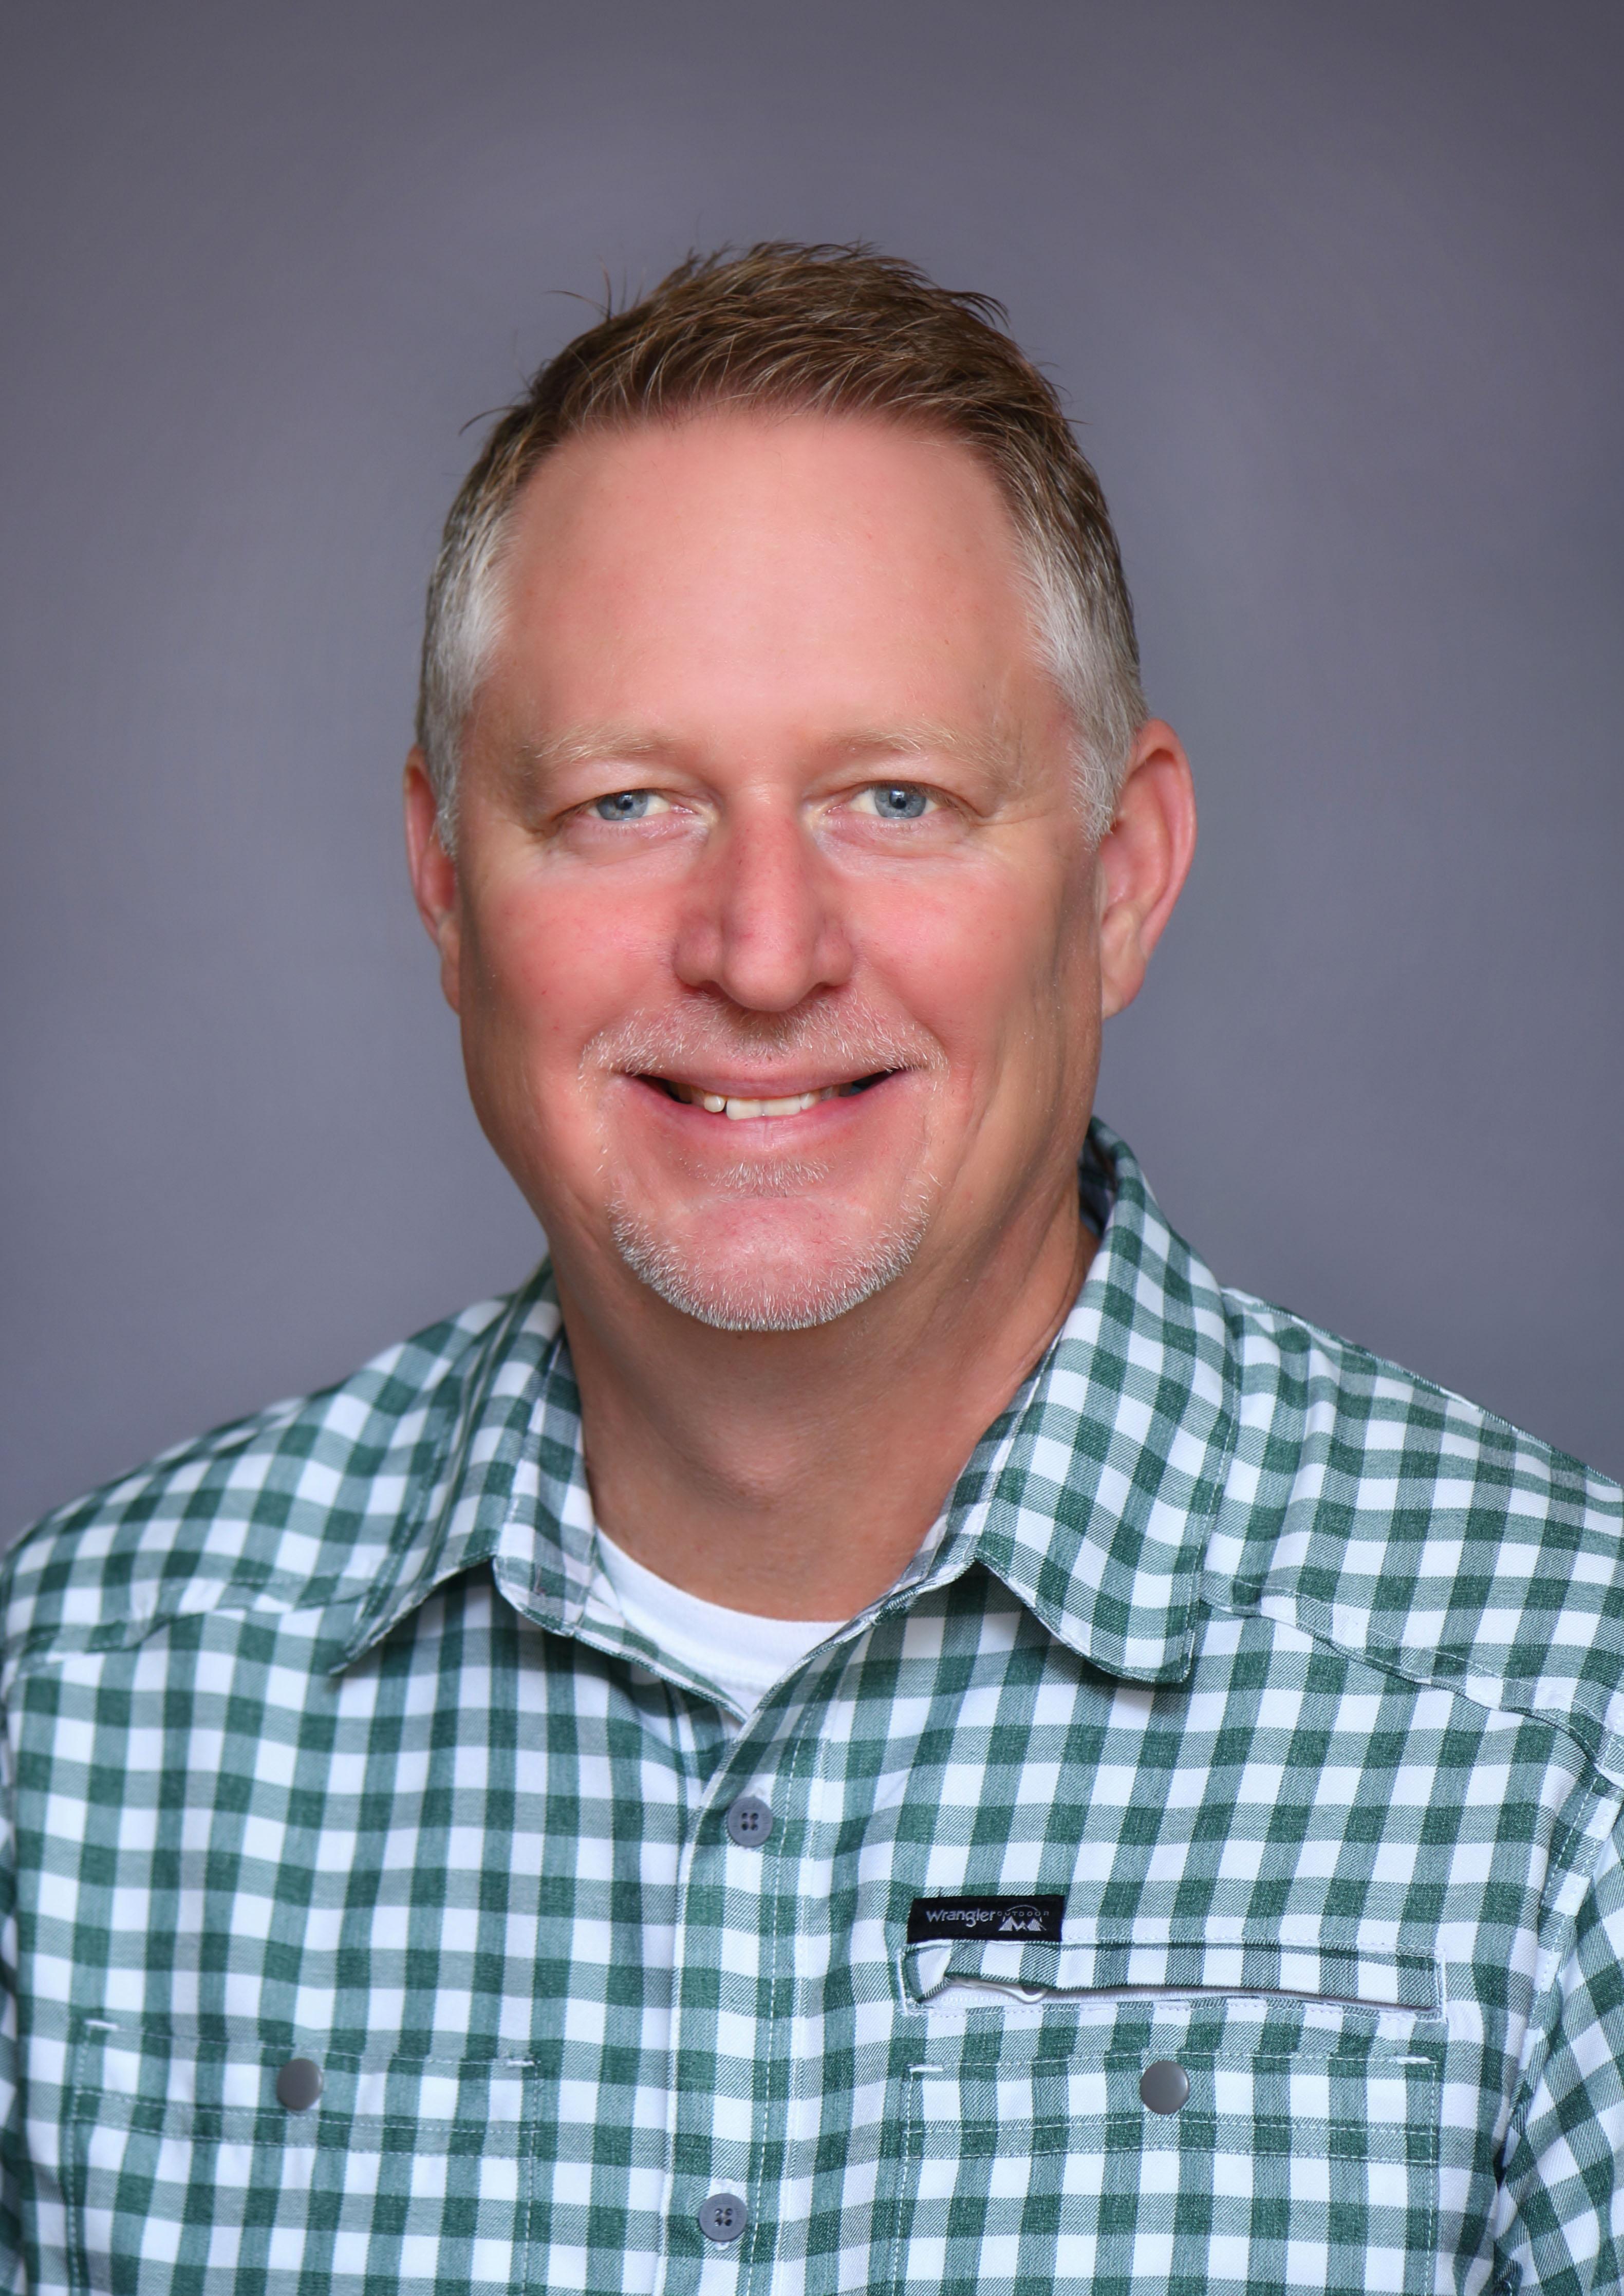 Greg Shelburne